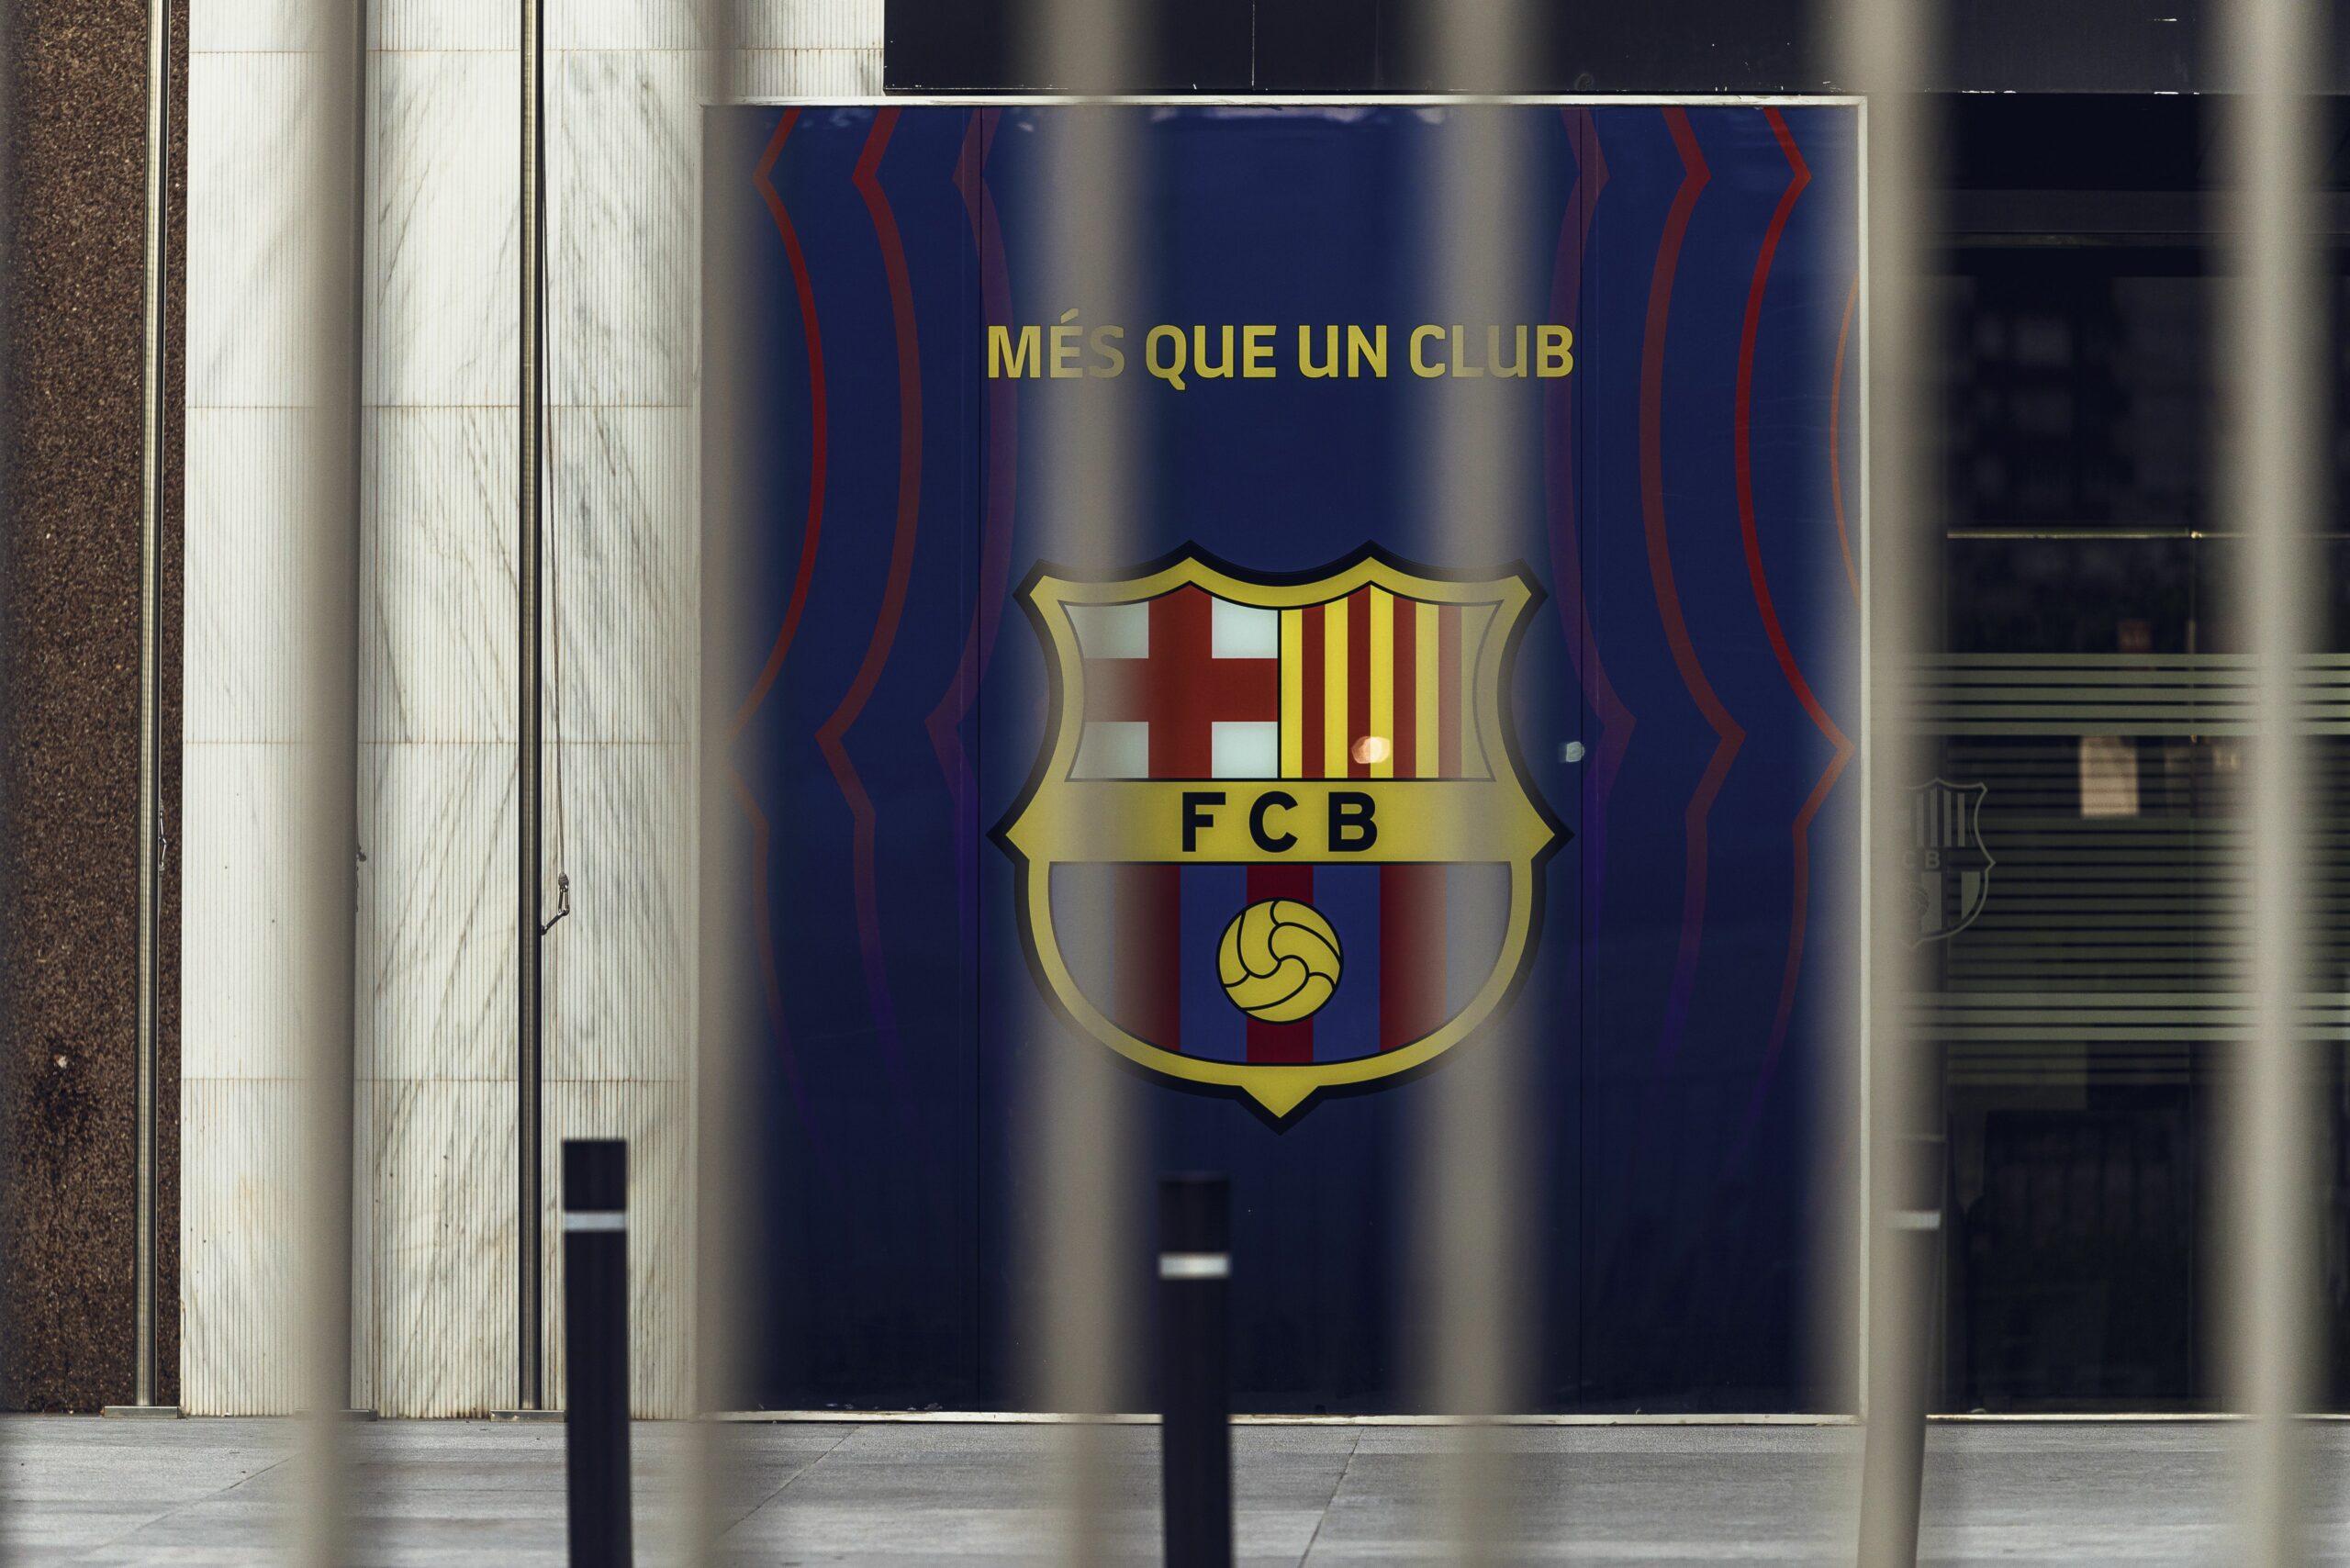 L'escut del Barça, en arxiu |Europa Press